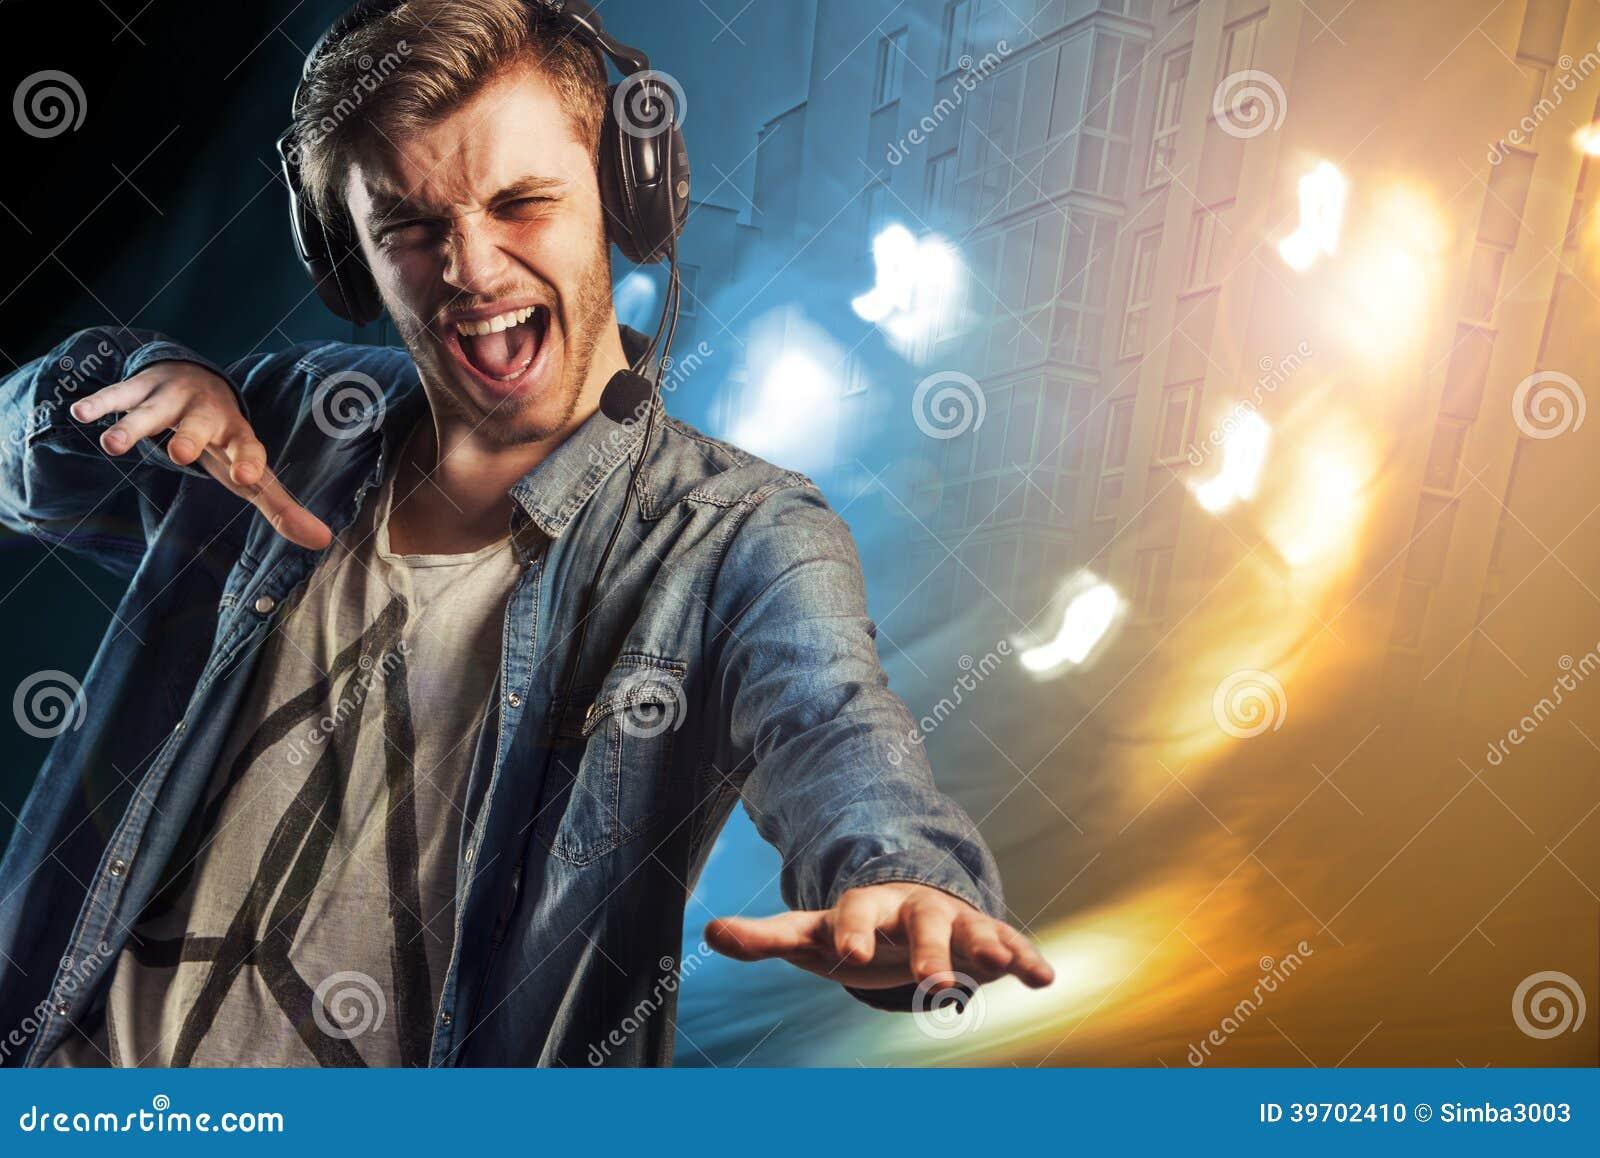 O partido fresco DJ equipa com fones de ouvido